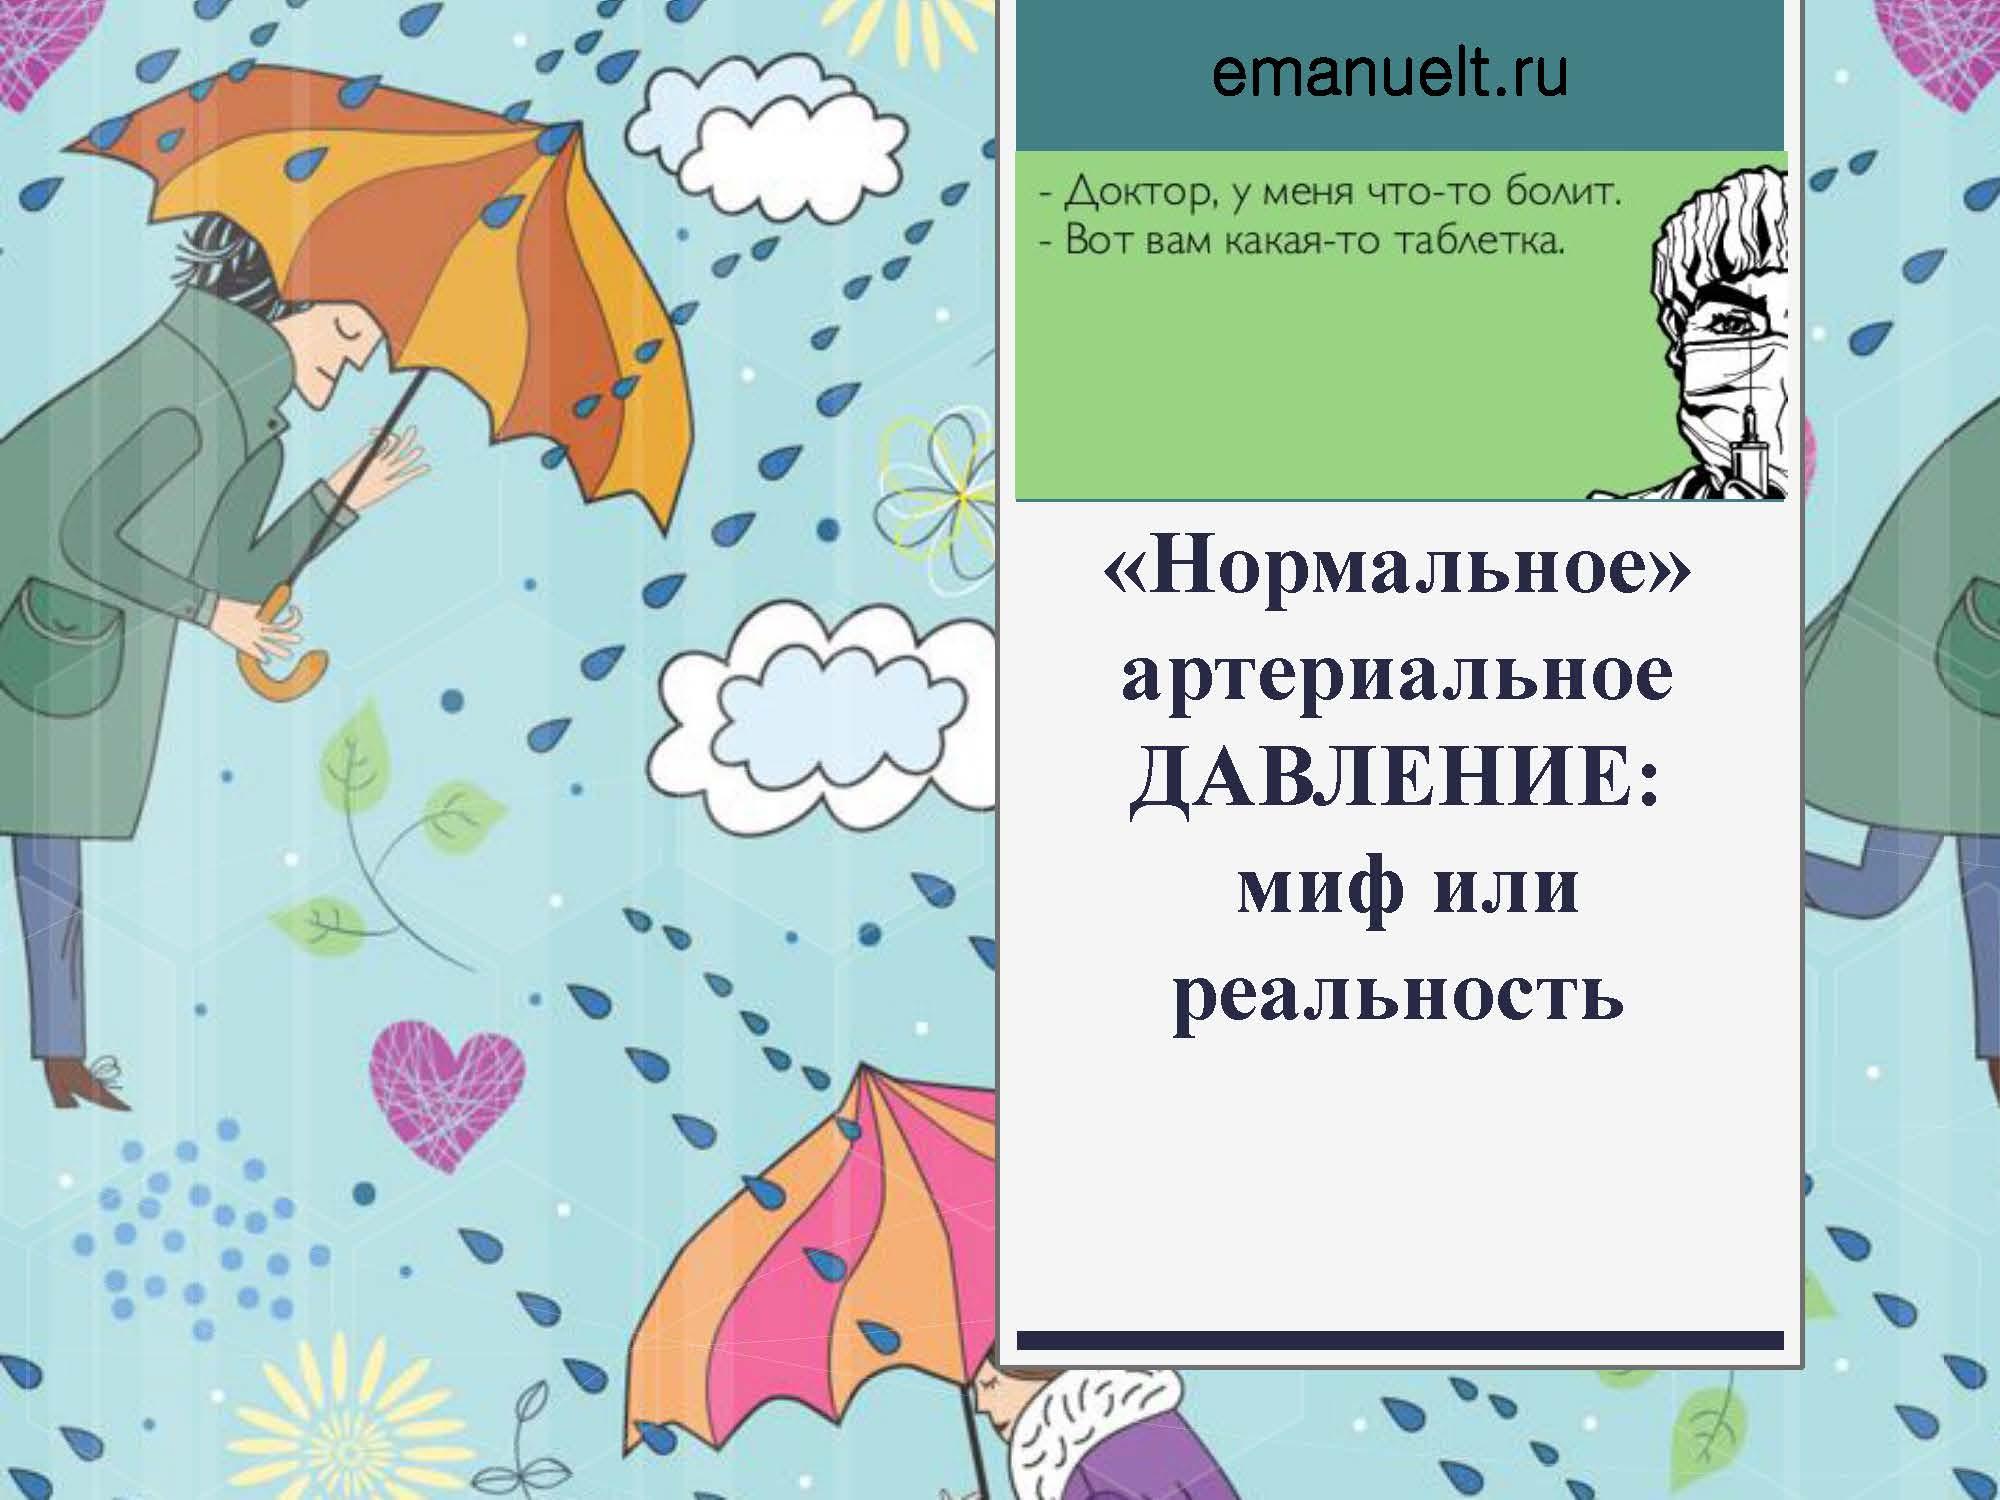 Секция 8. ЭЮВ. СПбГМУ.  26.03_Страница_09